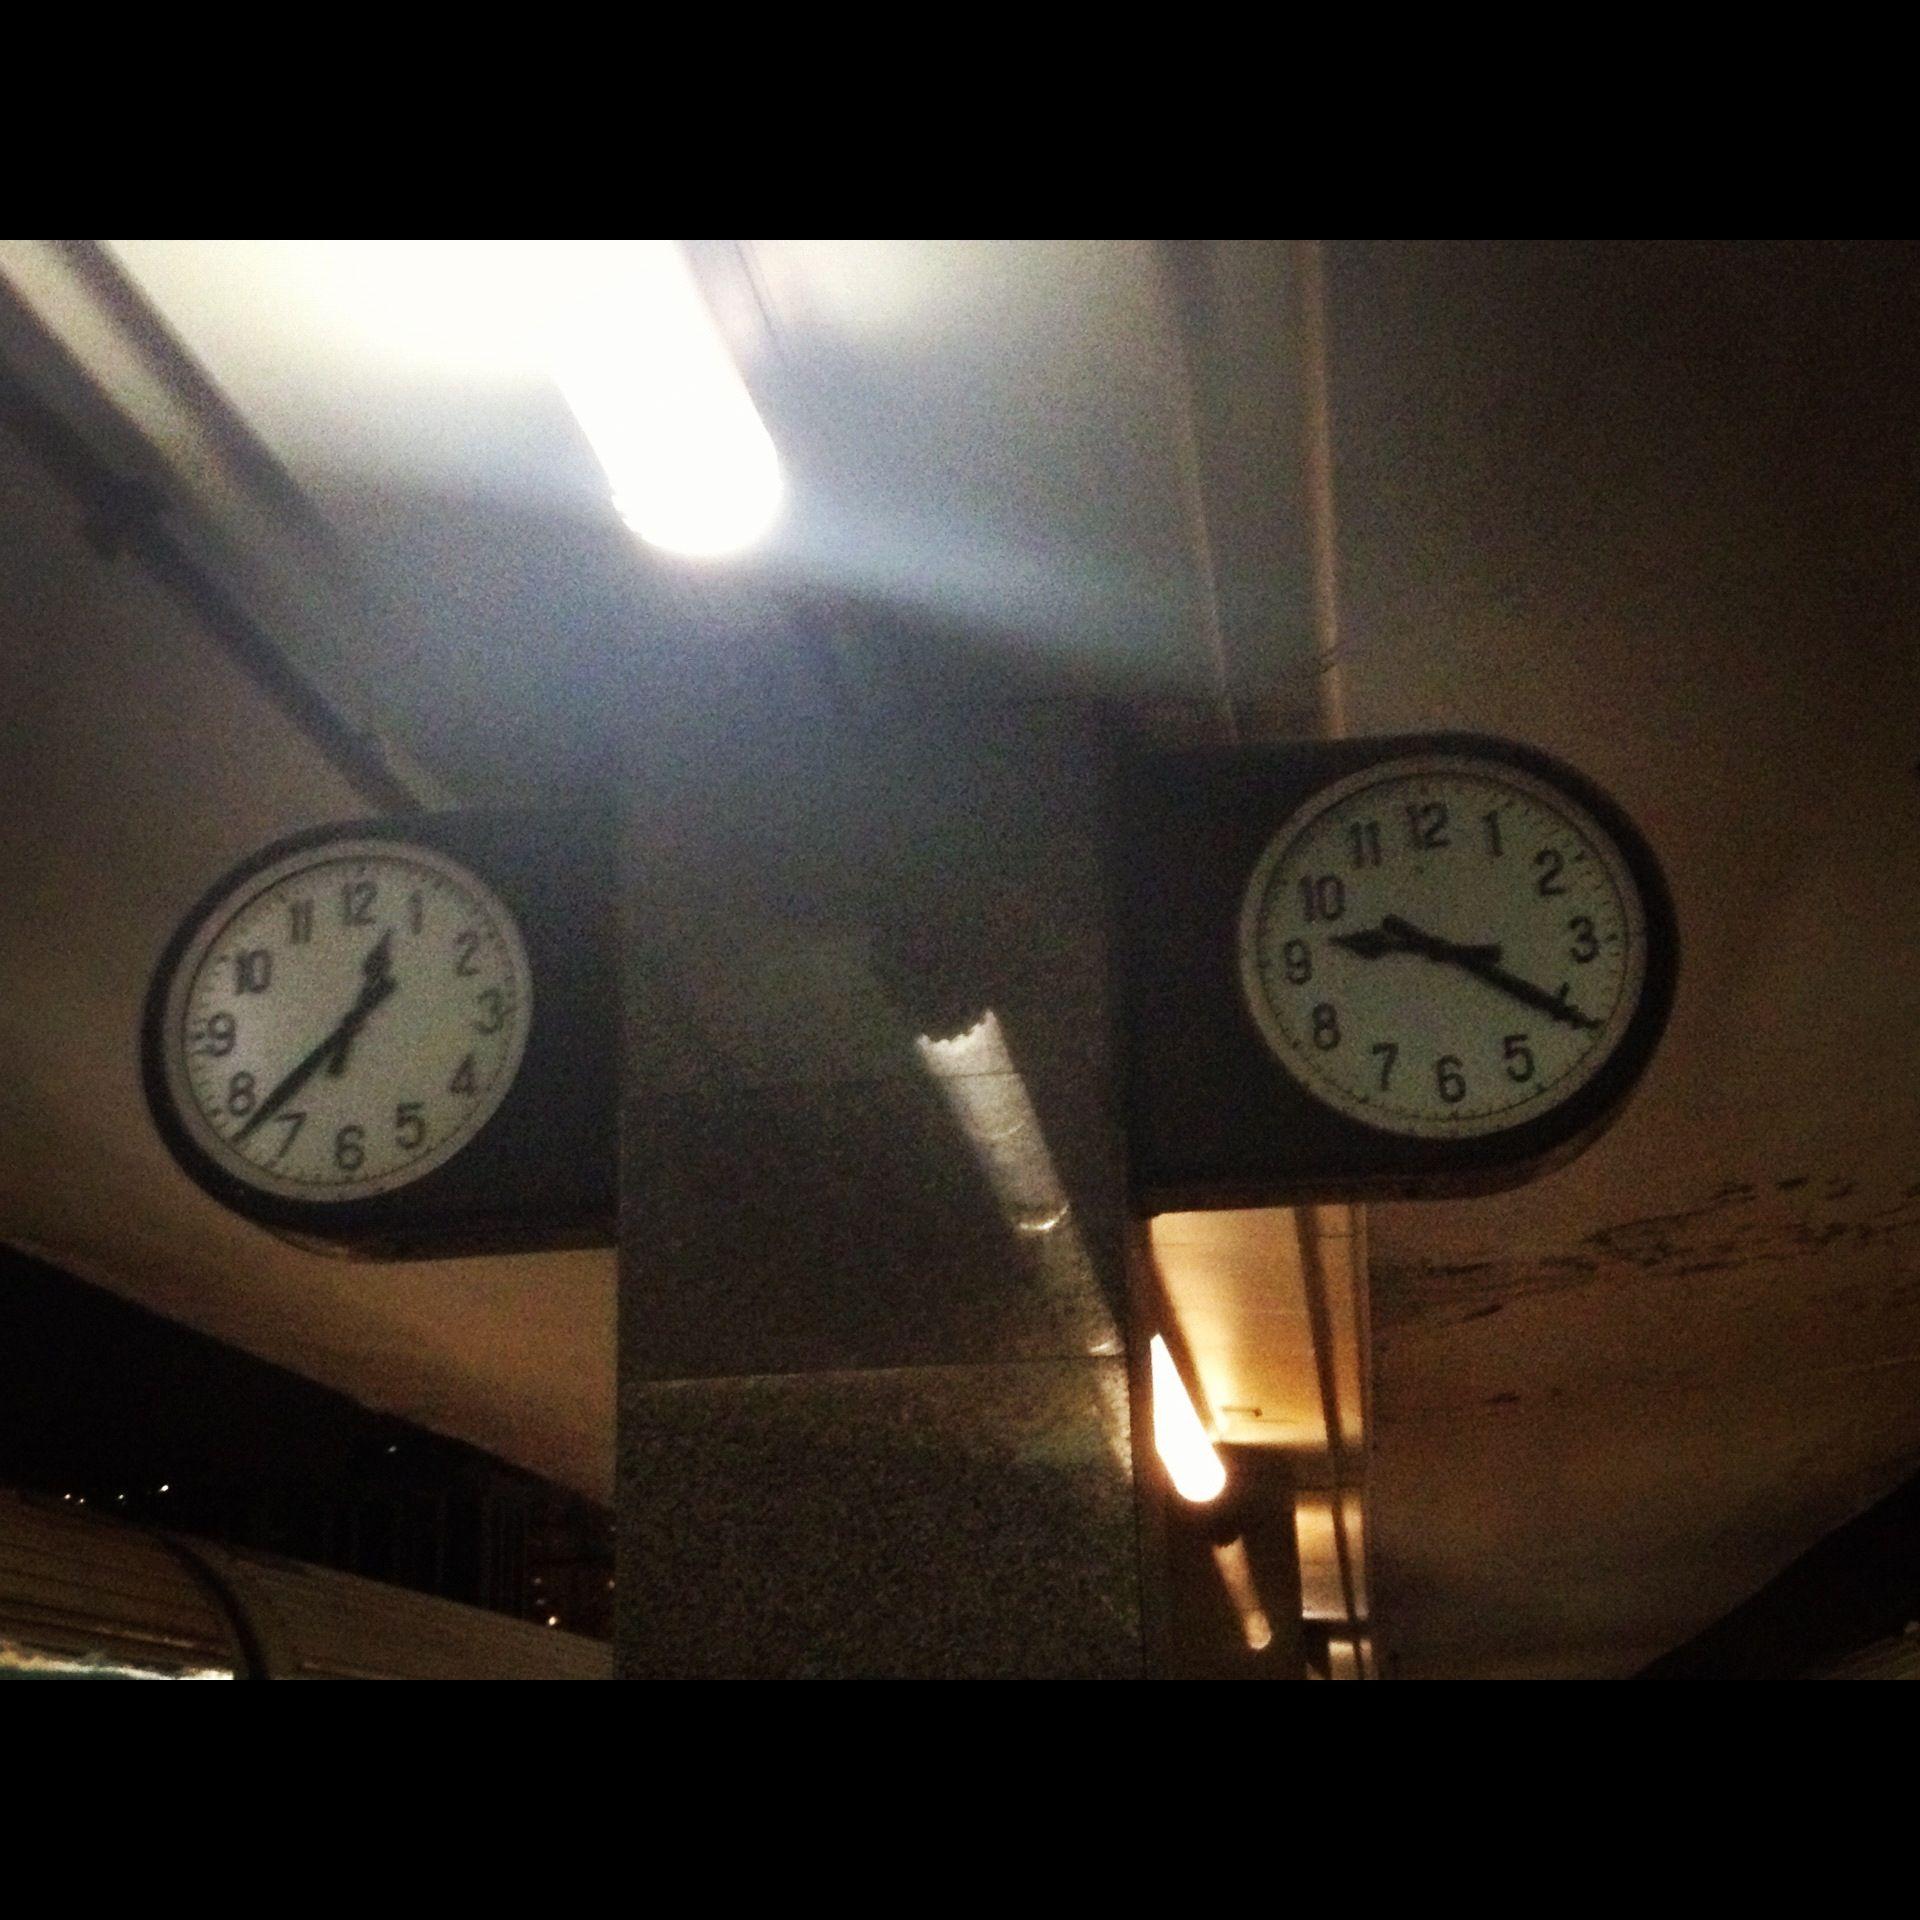 Il salto temporale a #napoli lo si fa in treno passando da un binario all'altro